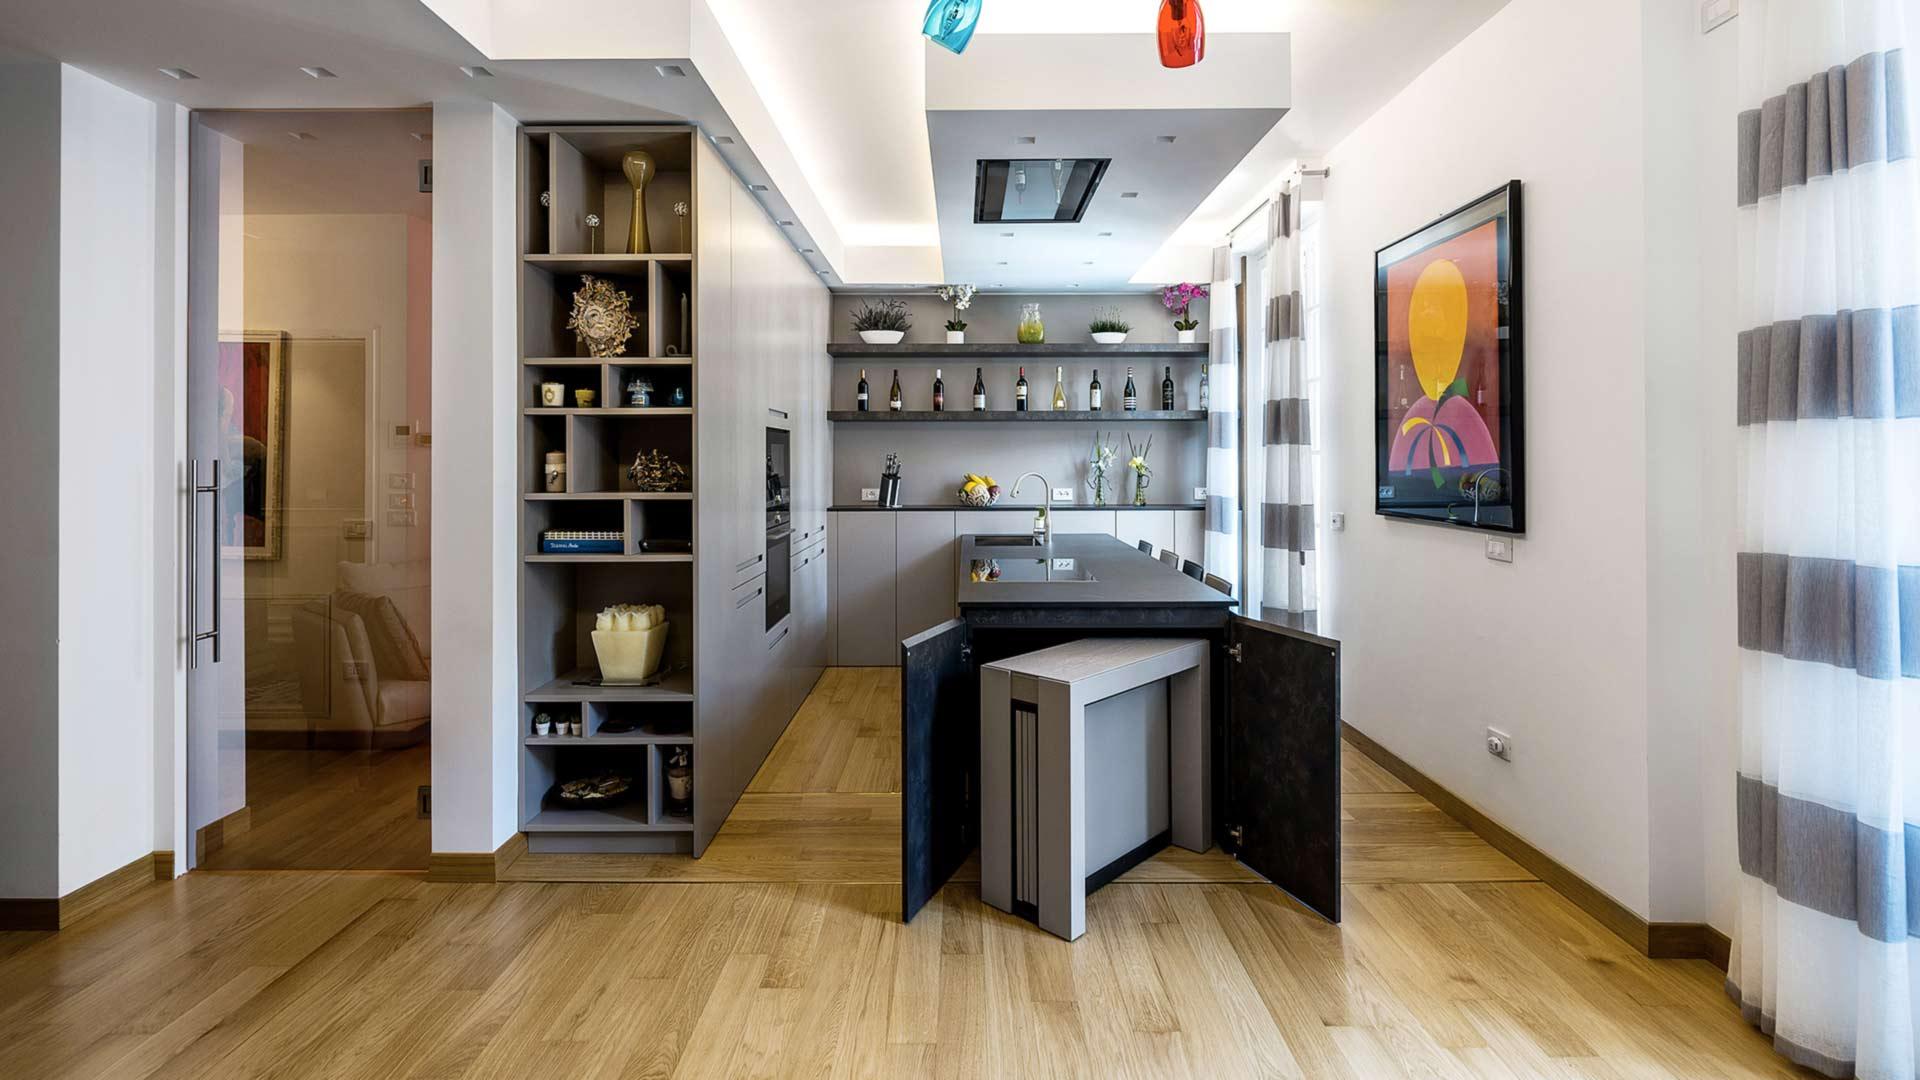 Cucina Con Penisola In Laminato Caesar Brown Stone Inserita In Un